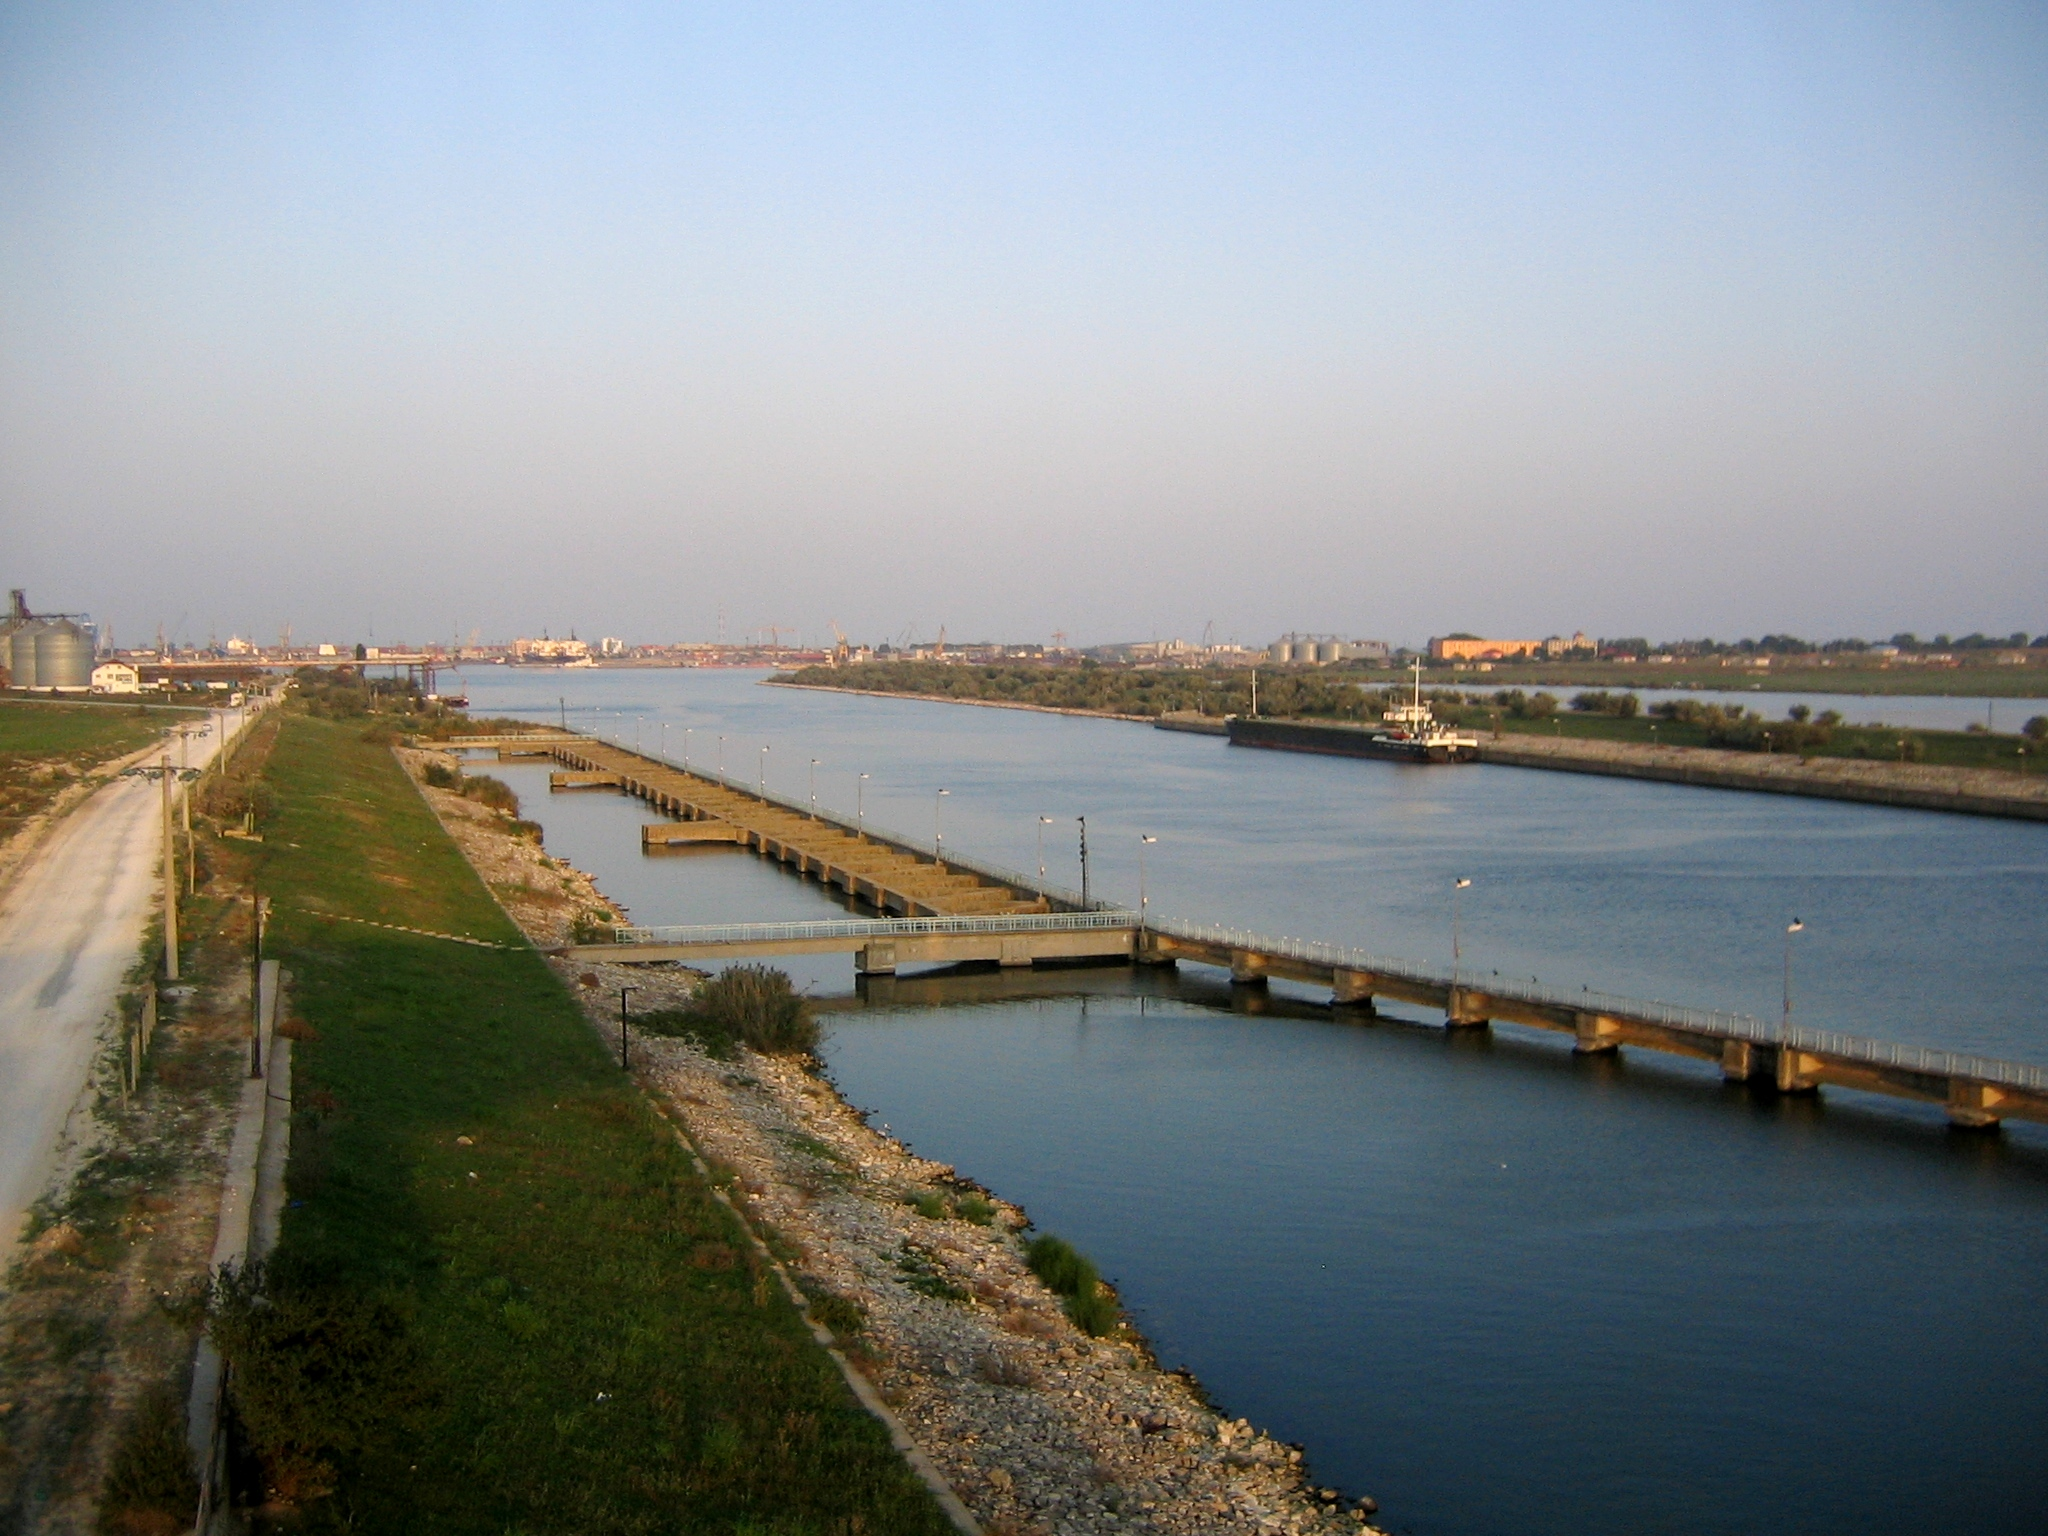 Canale de navigatie